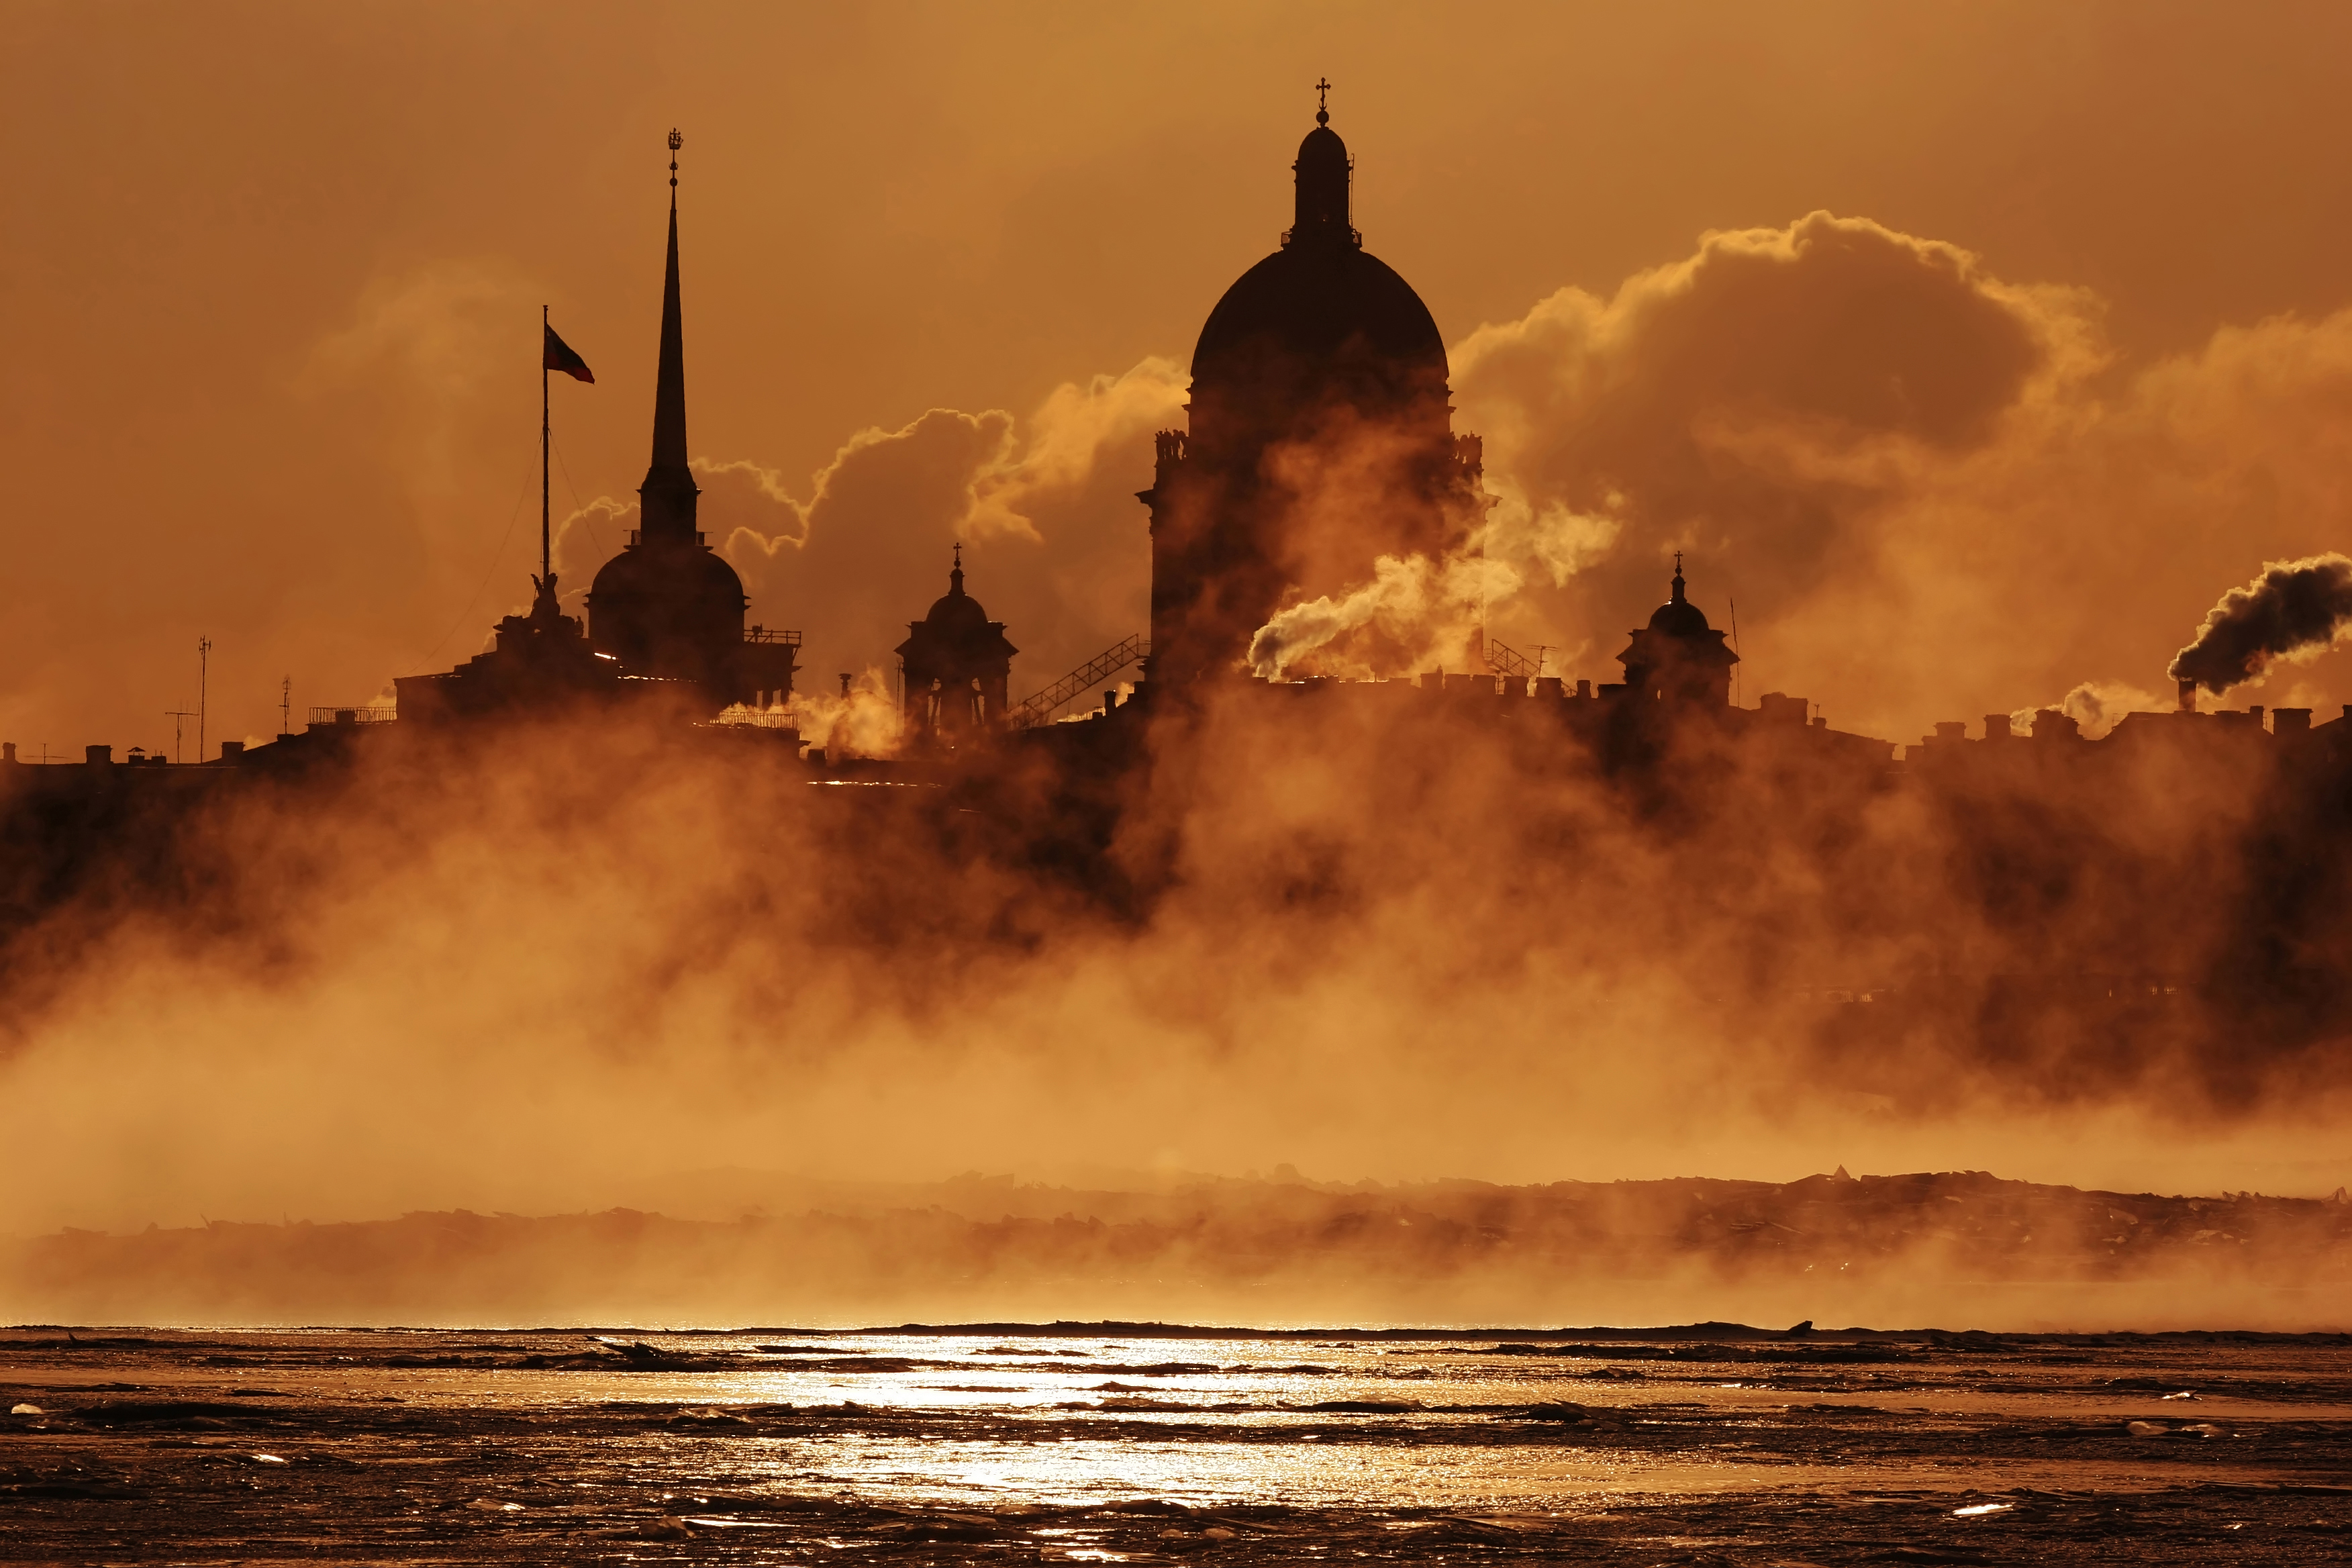 St. Petersburg Glanz und Kathedralen im mystischen Abendlicht